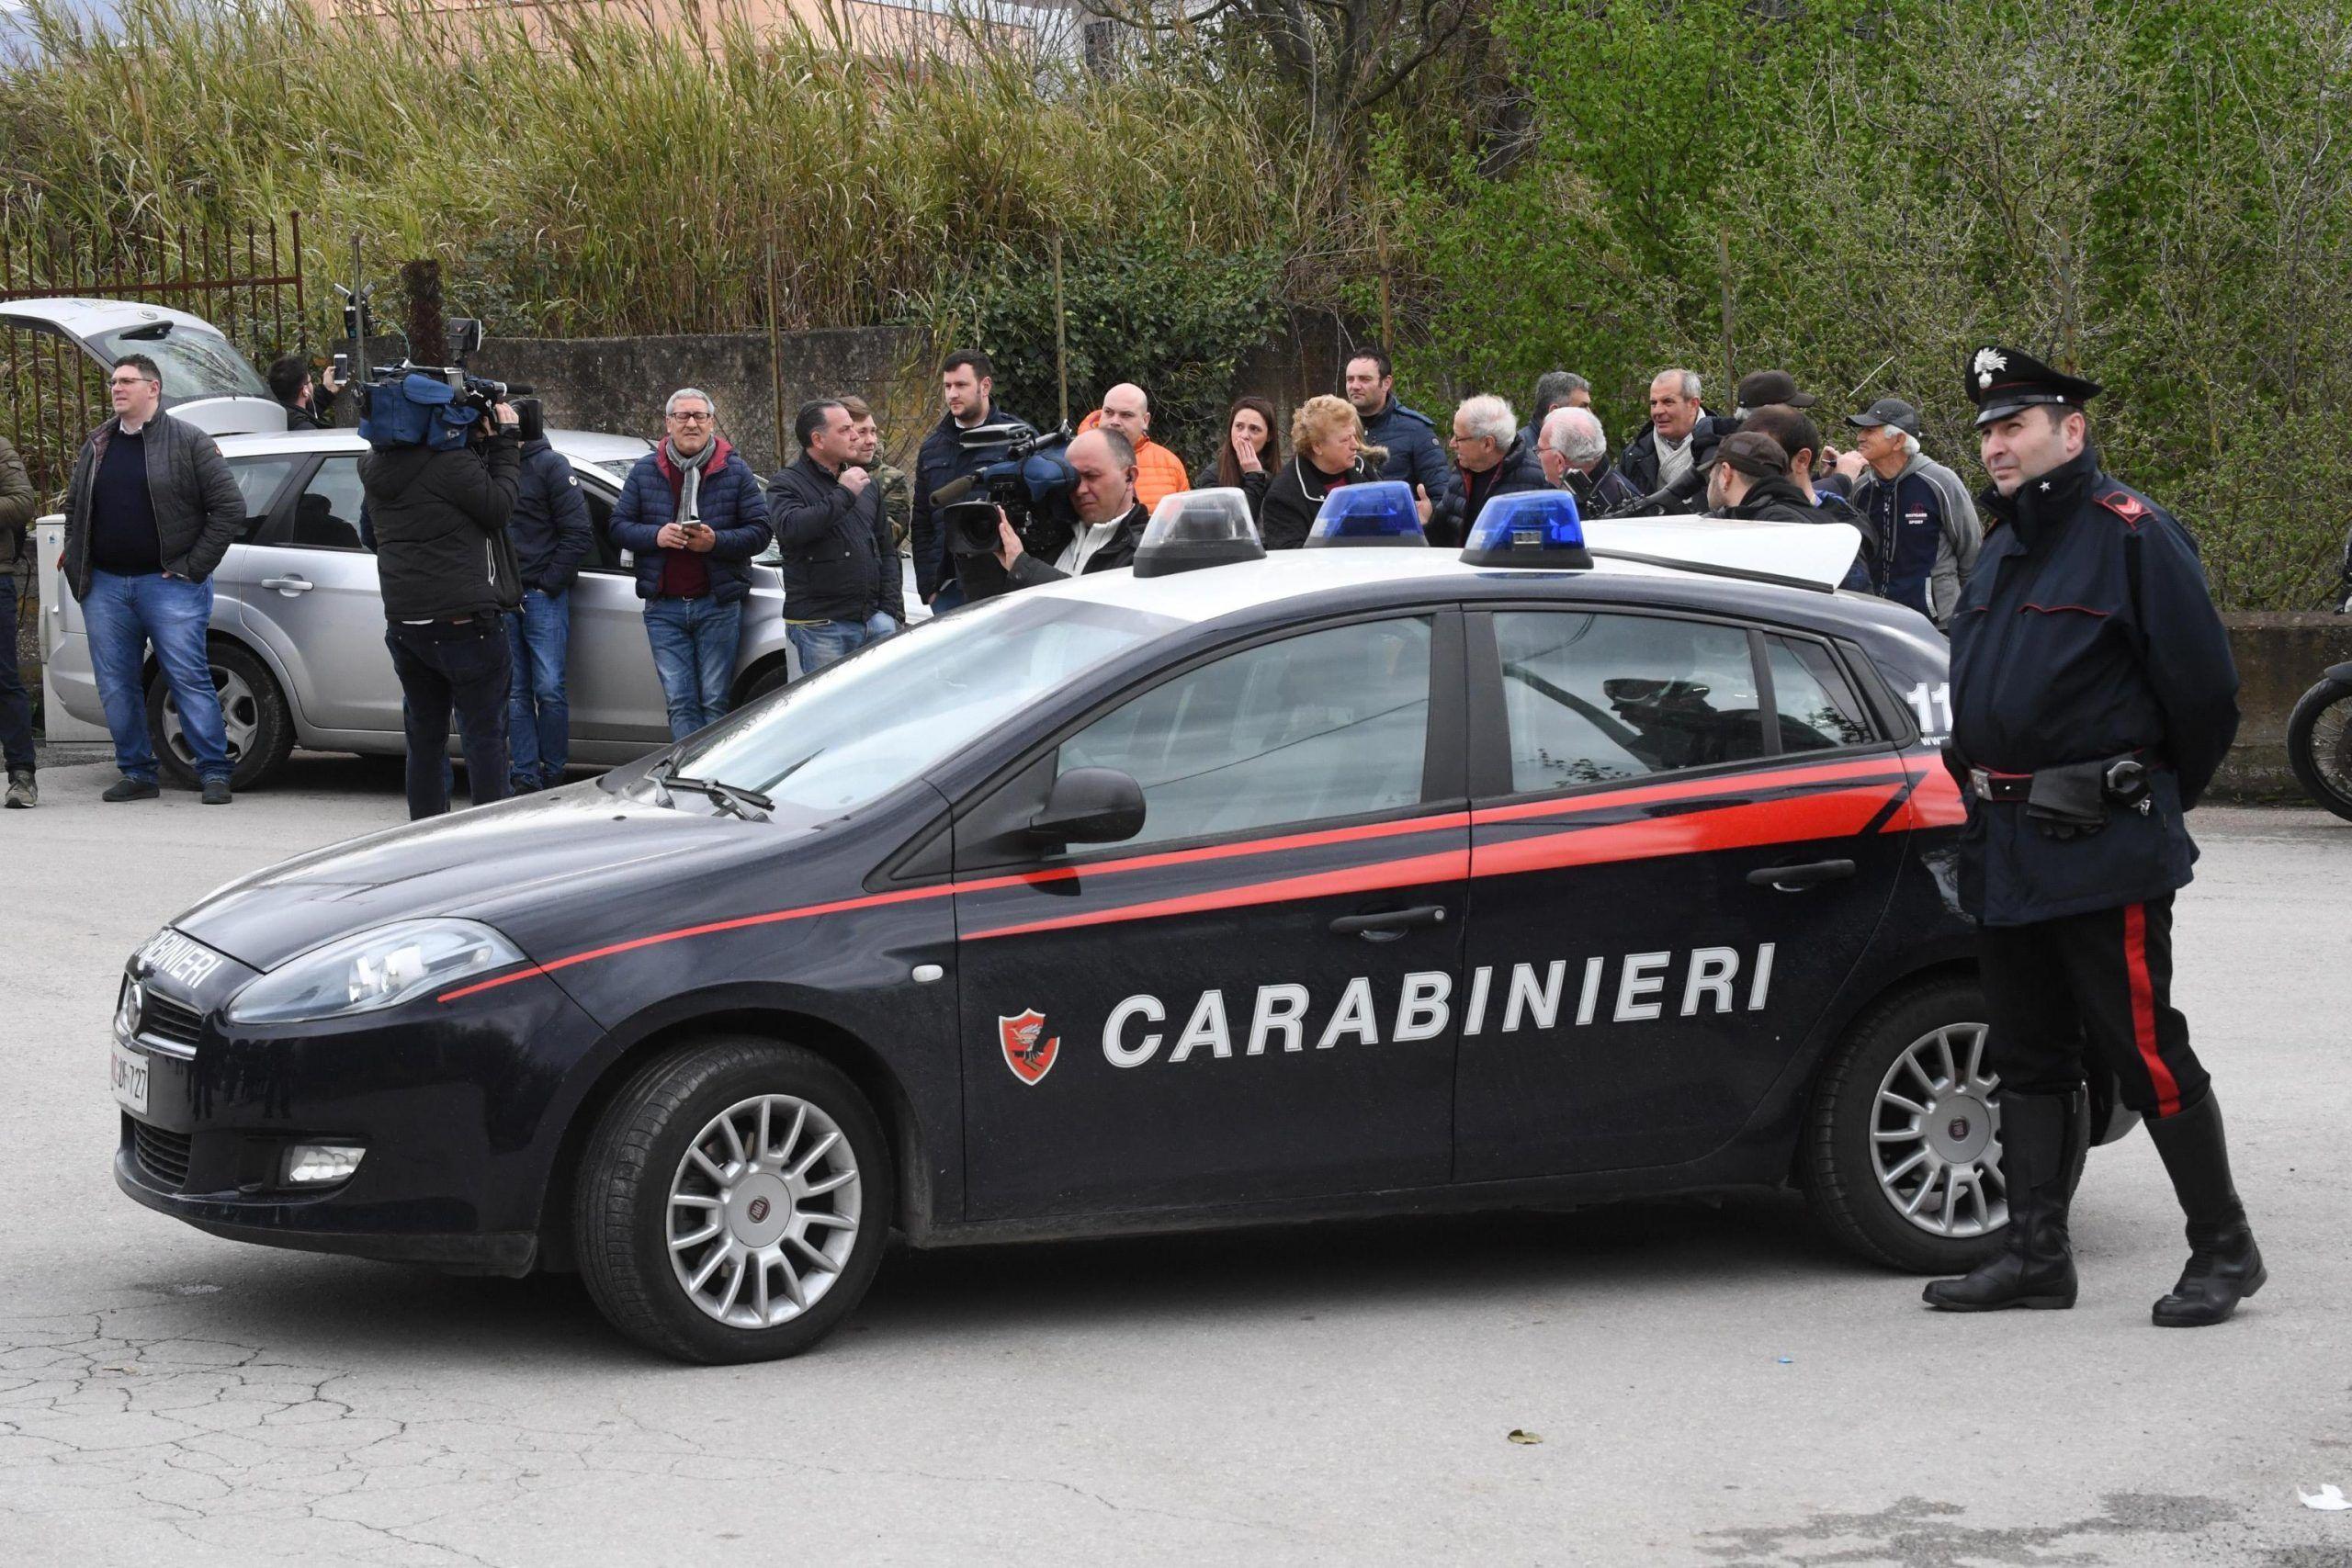 Provincia di Napoli: sparatoria a un ricevimento per una banale lite tra bambini